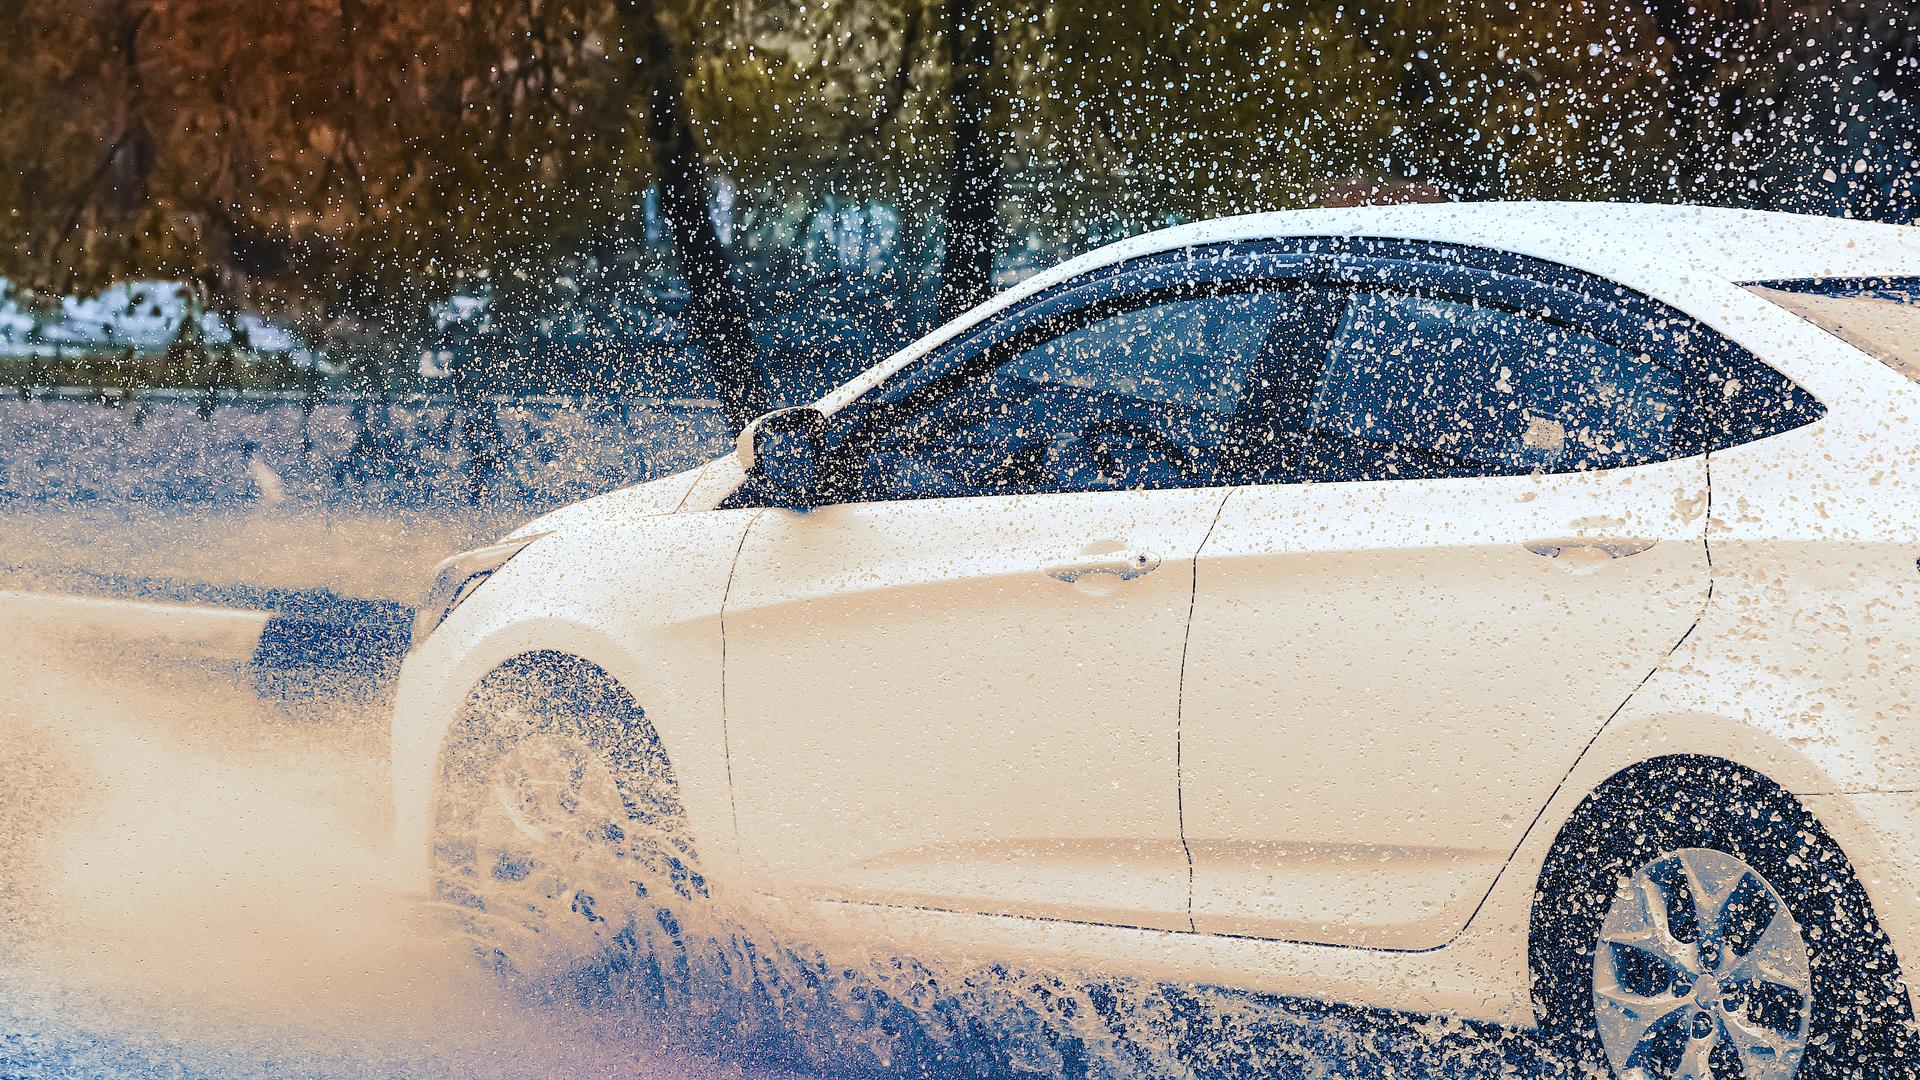 carro sob chuva trecho alagado aquaplanagem